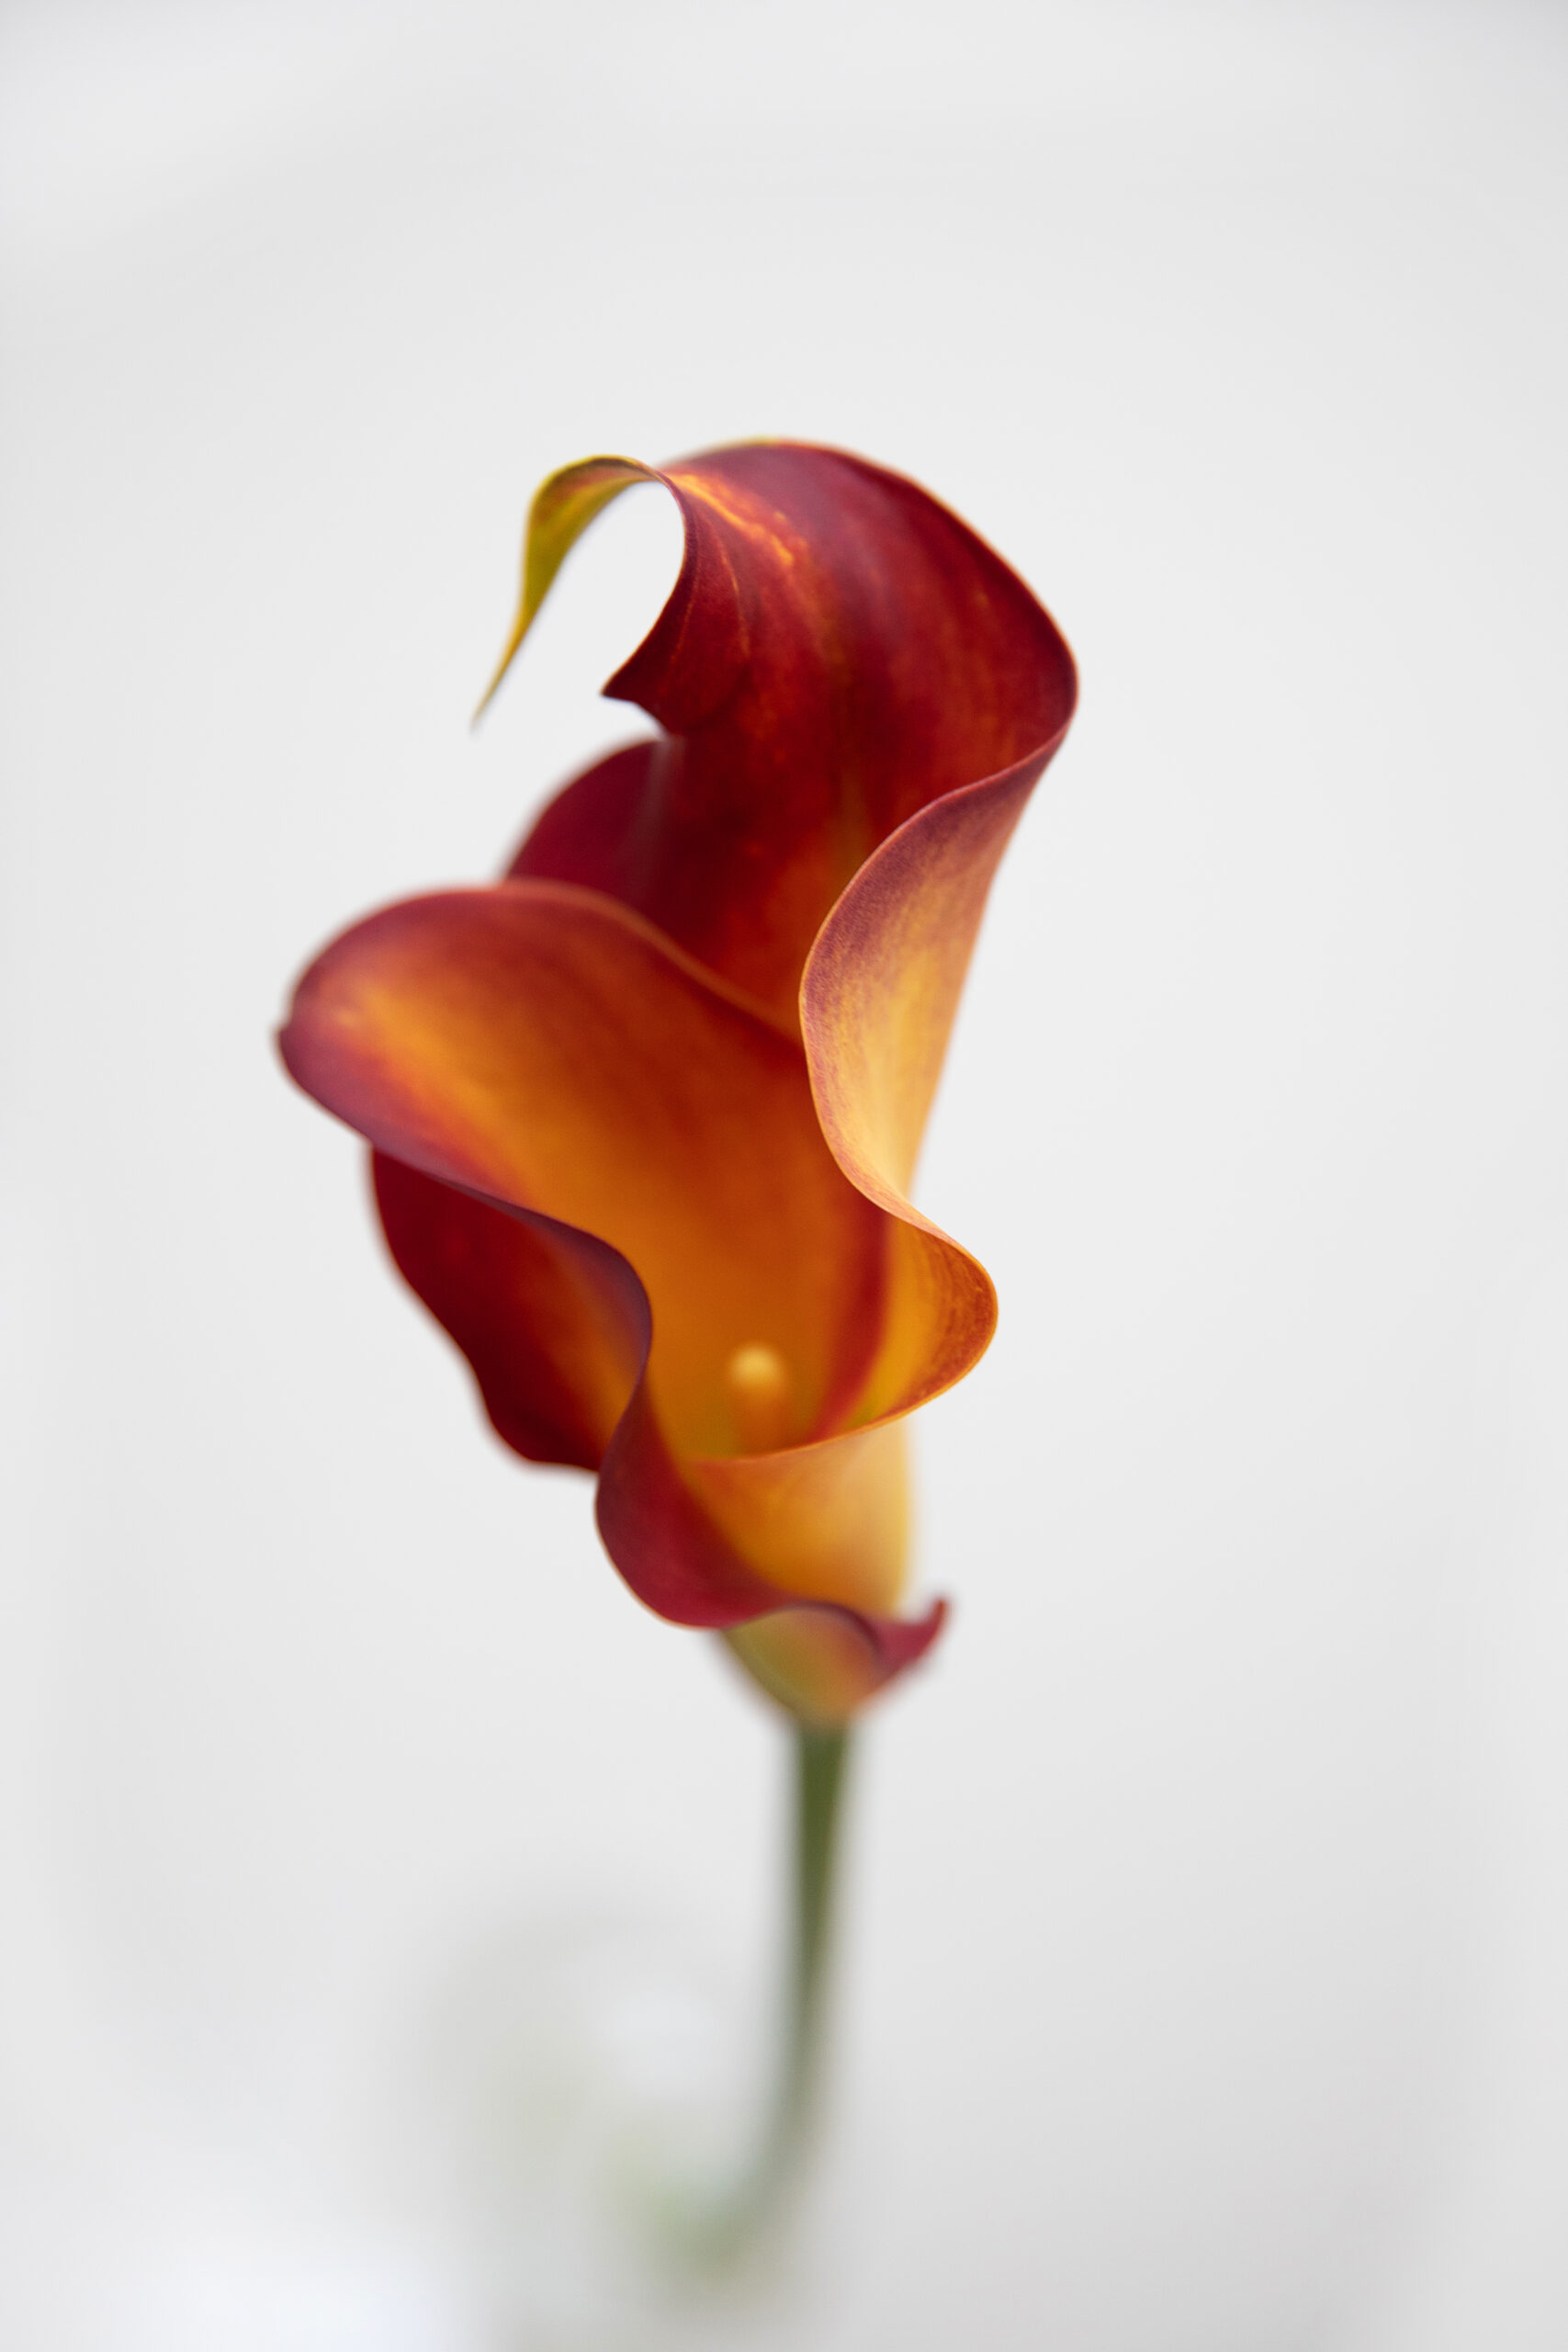 阿纳斯塔西娅·埃尔莫连科 (Anastasia Ermolenko) 拍摄的一朵花的特写彩色照片